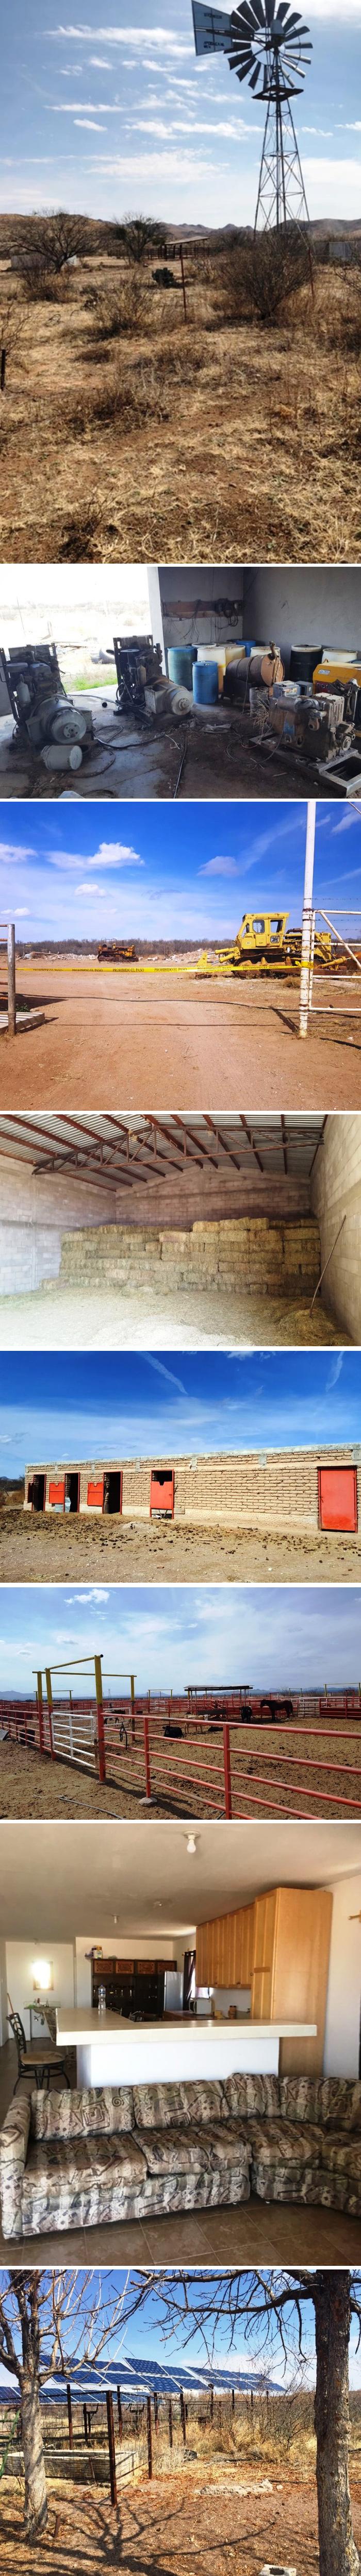 Chihuahua asegura otro rancho a Duarte; con un tercero pagó 60 ...